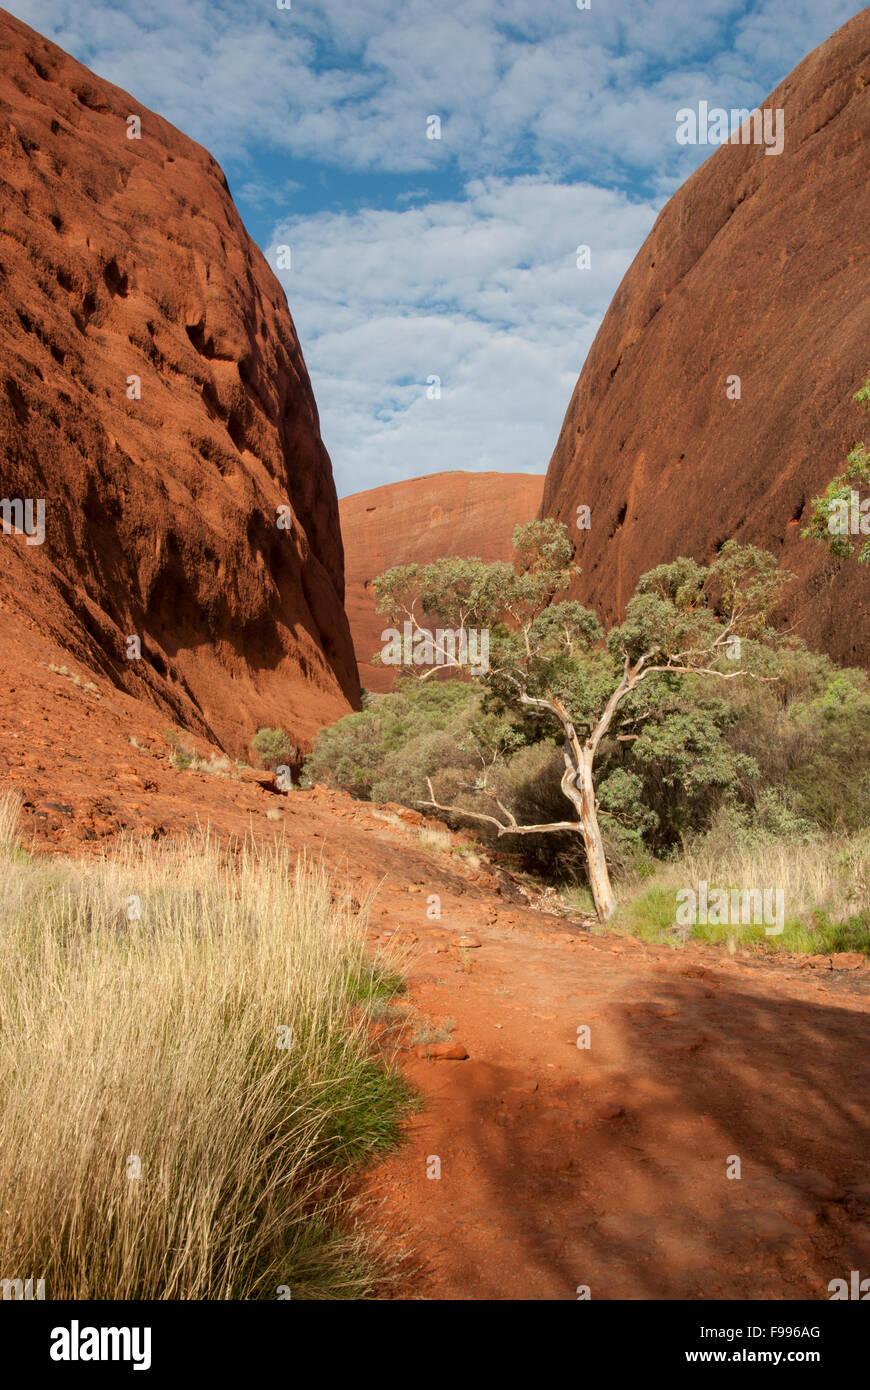 Hiking trail through Kata Tjuta (also known as 'The Olgas') in Uluru-Kata Tjuta National Park in Australia's - Stock Image